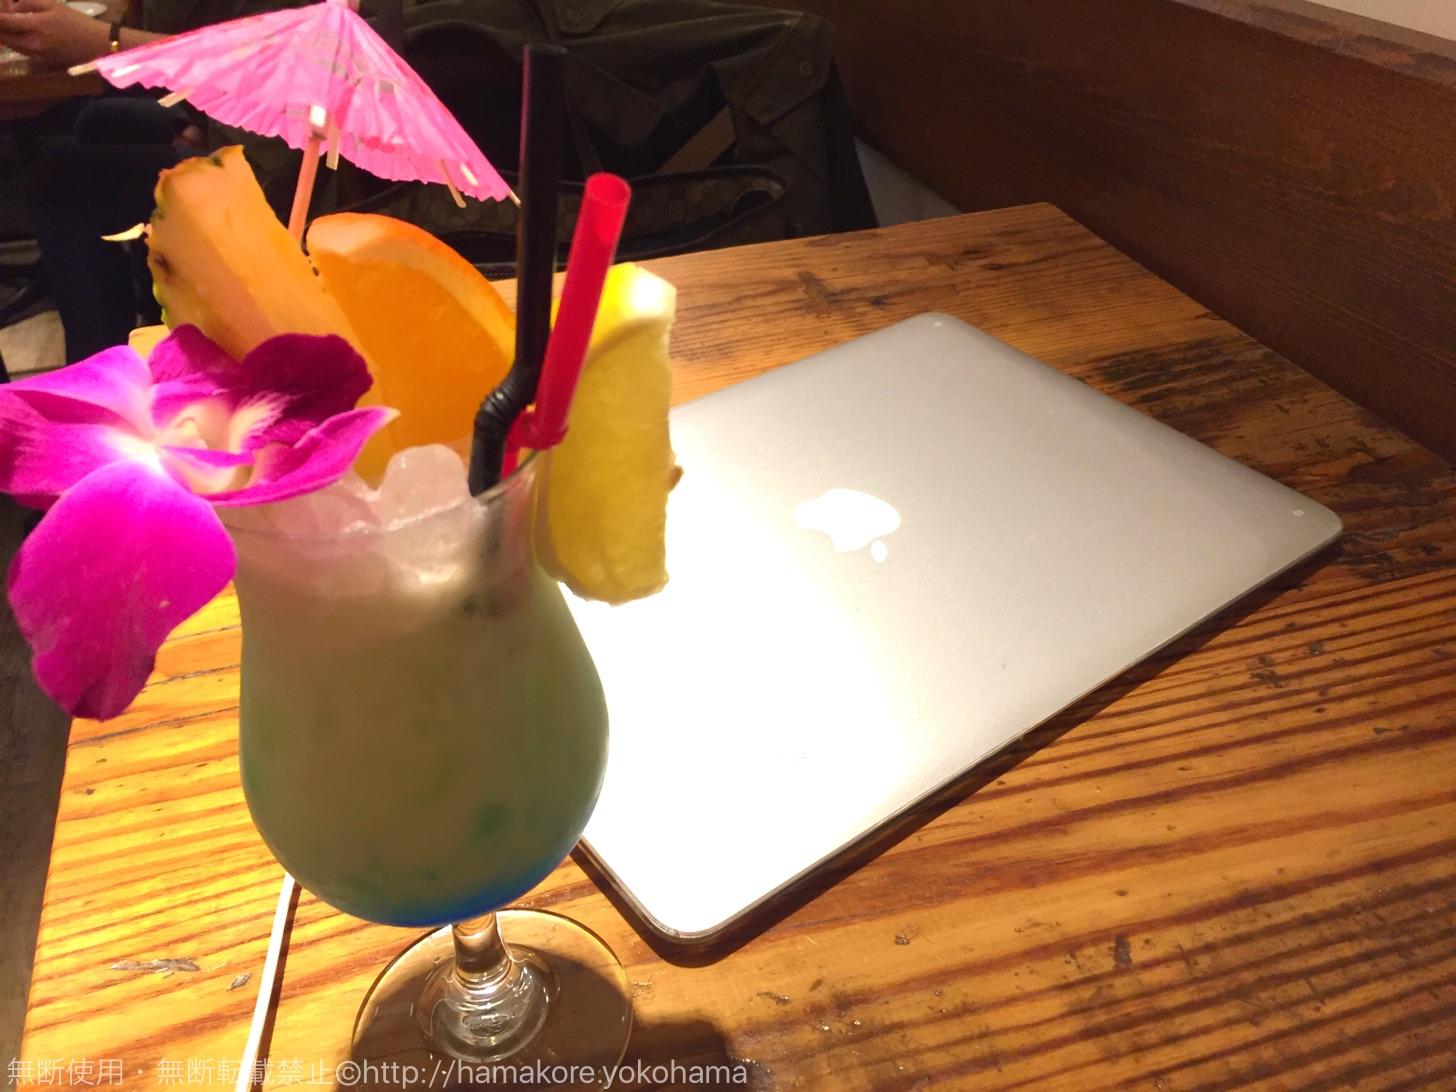 横浜駅 ハワイの雰囲気で電源カフェ「&RRainbow」